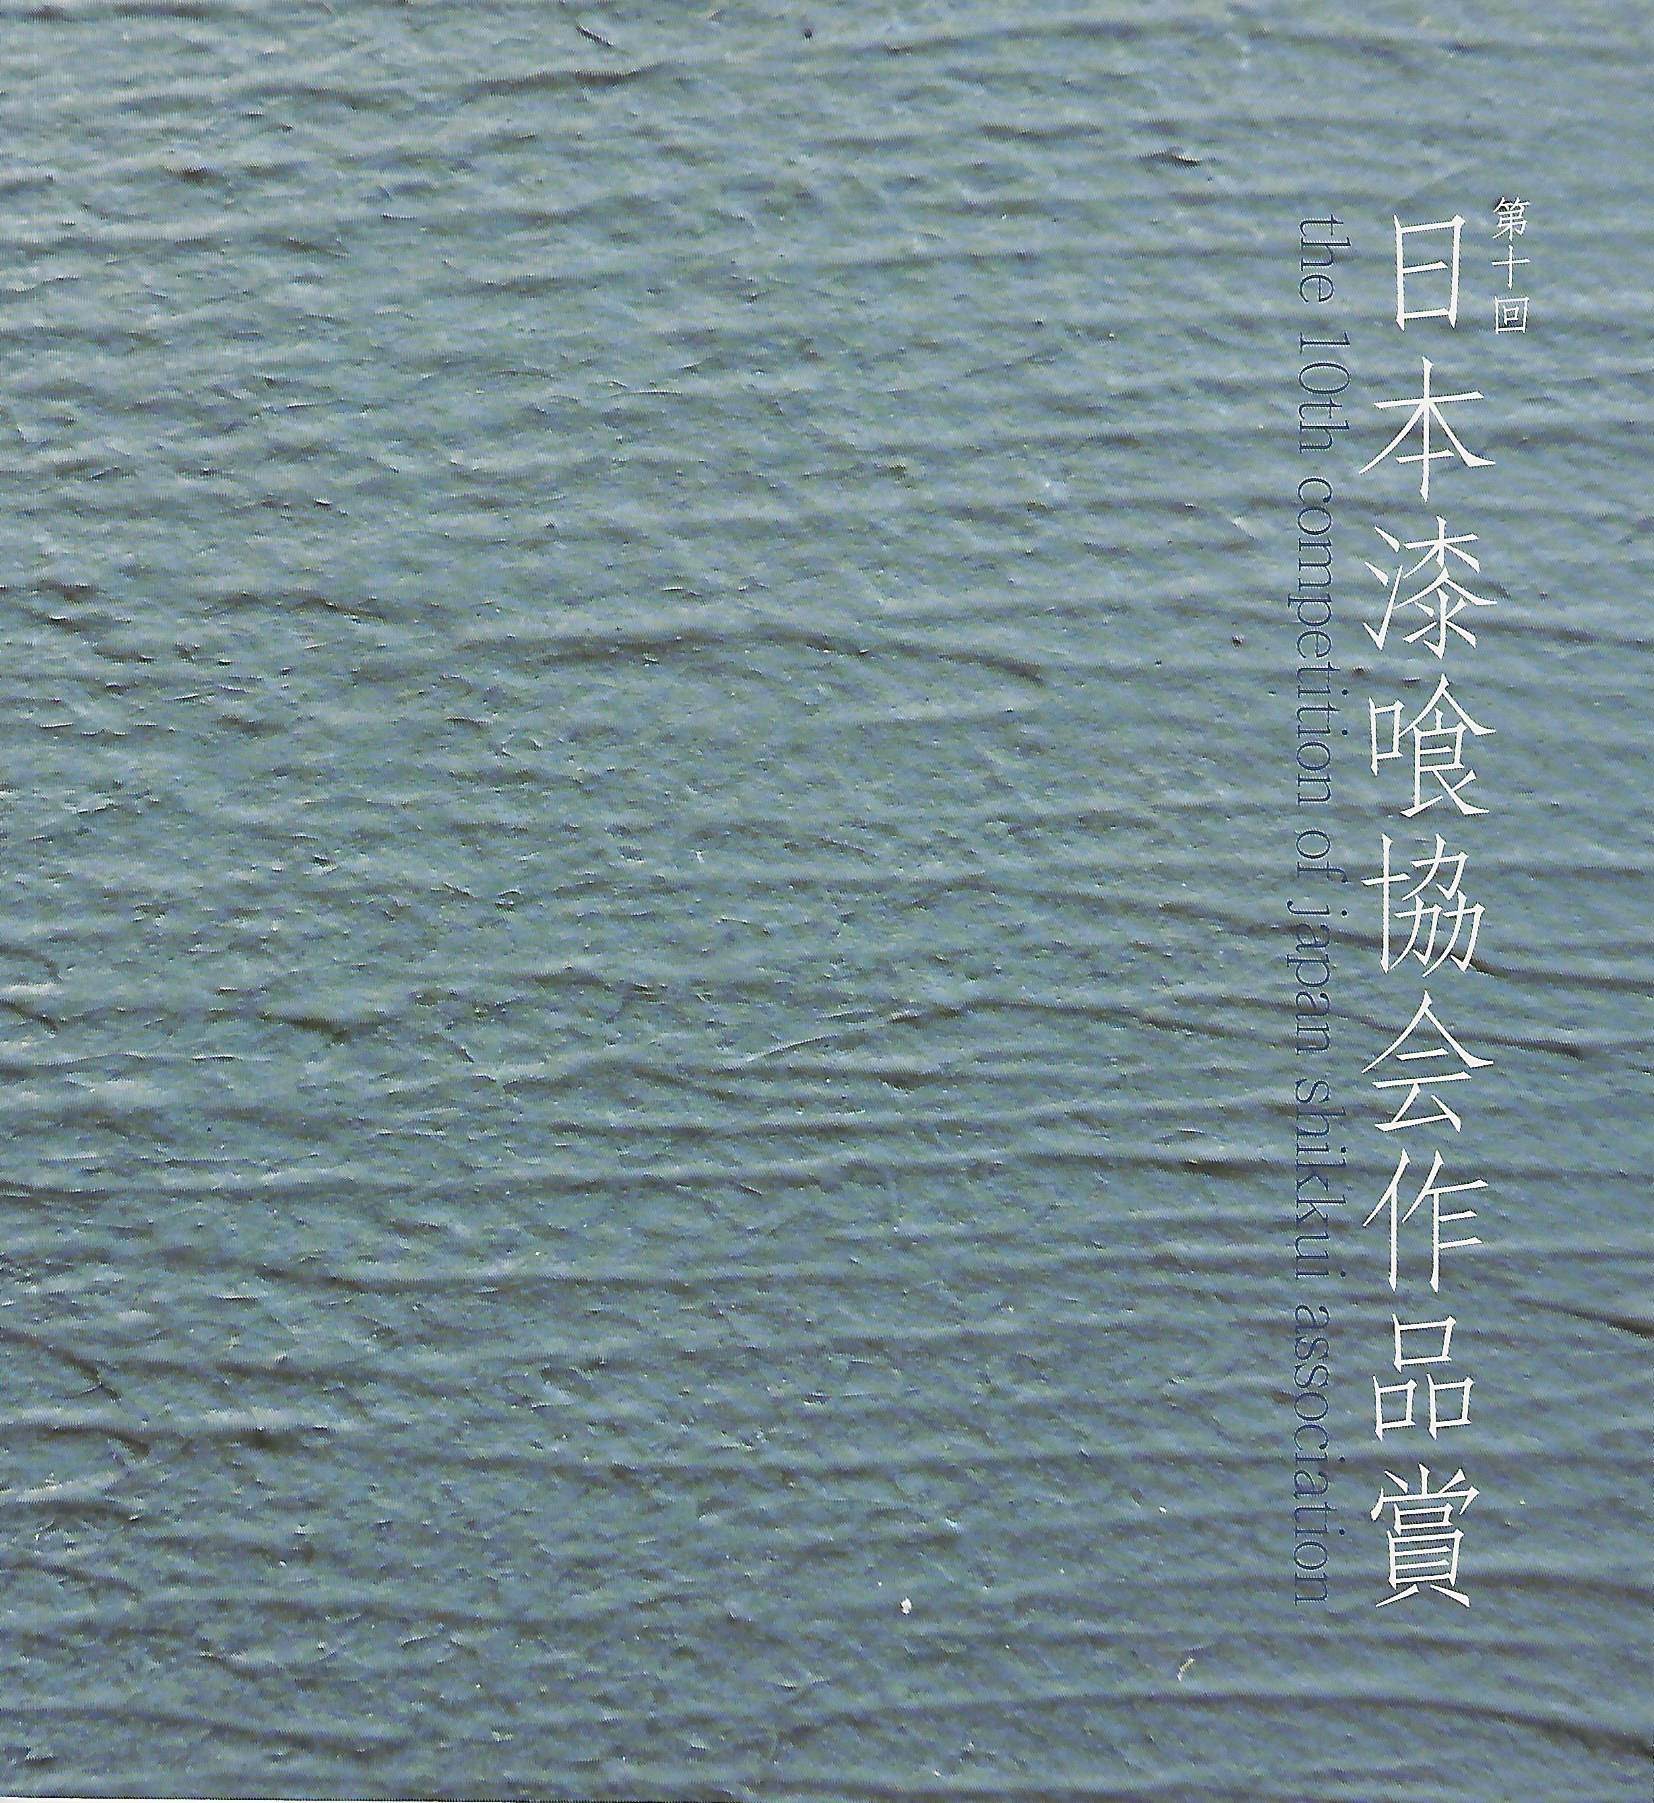 第10回日本漆喰協会作品賞 受賞